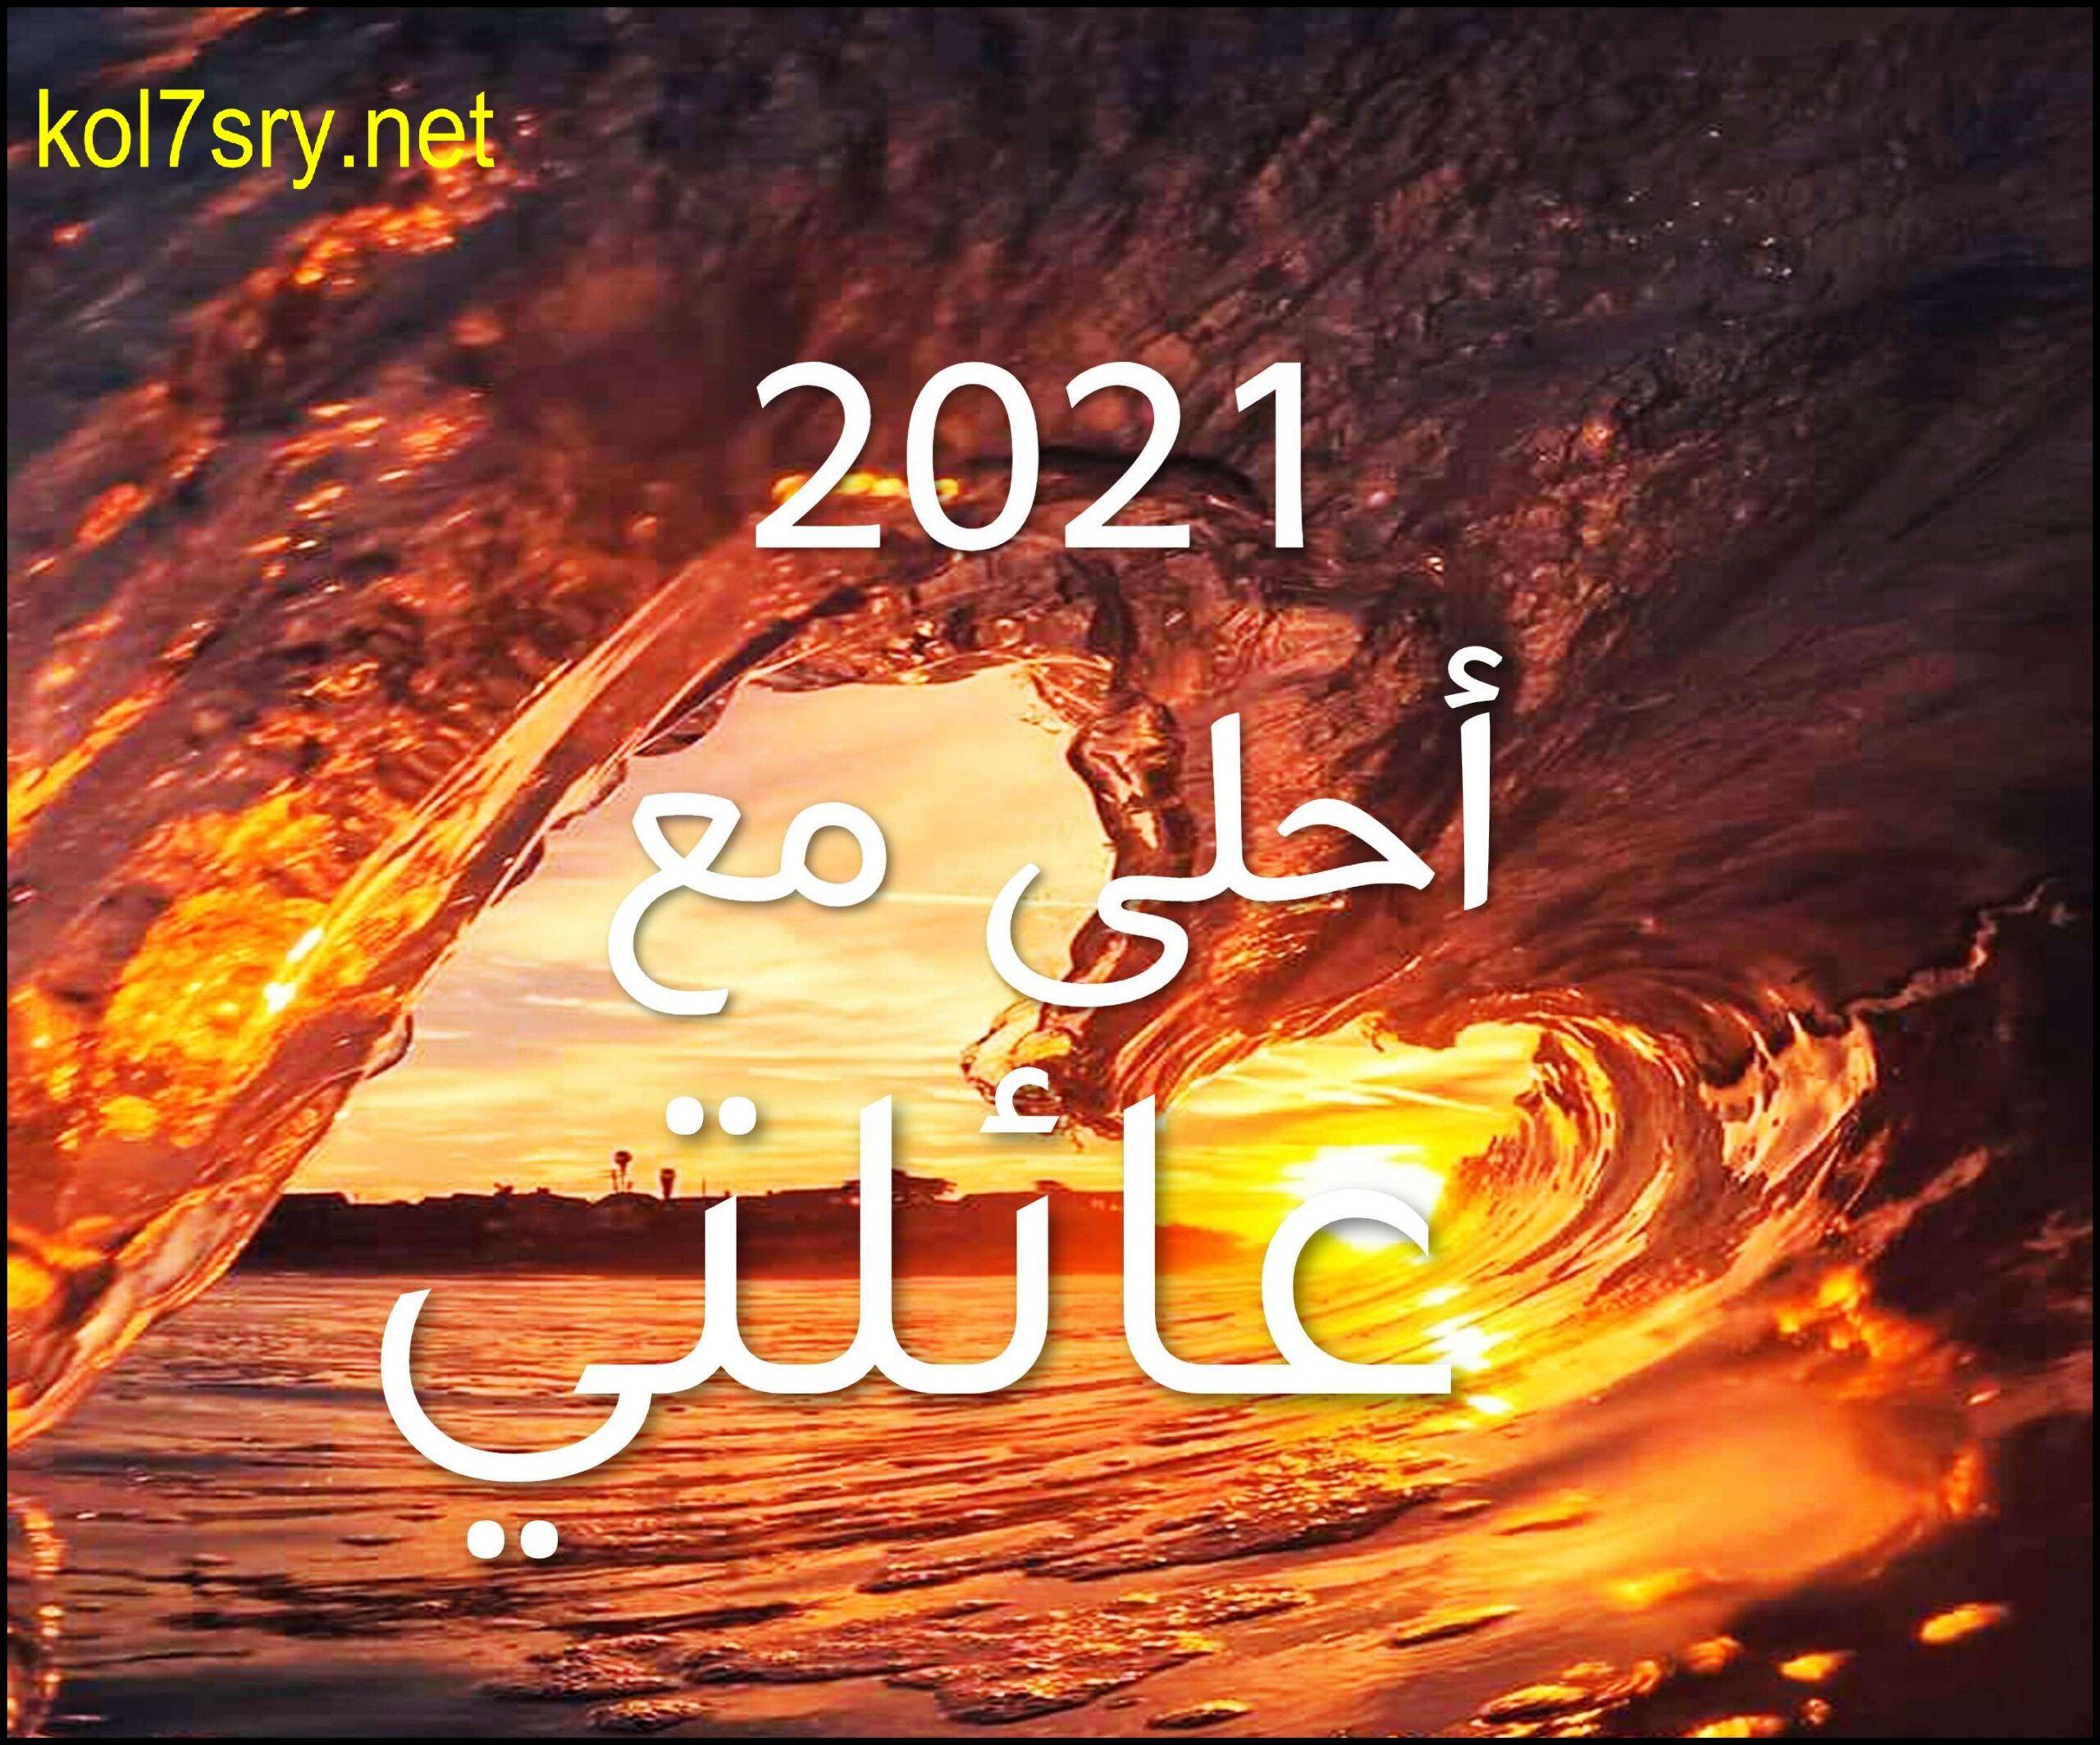 2021 أحلى مع اسمك أجمل 40 صورة HD لعام 2021 احلى مع مجانا اطلب التصميم بالتعليقات 37